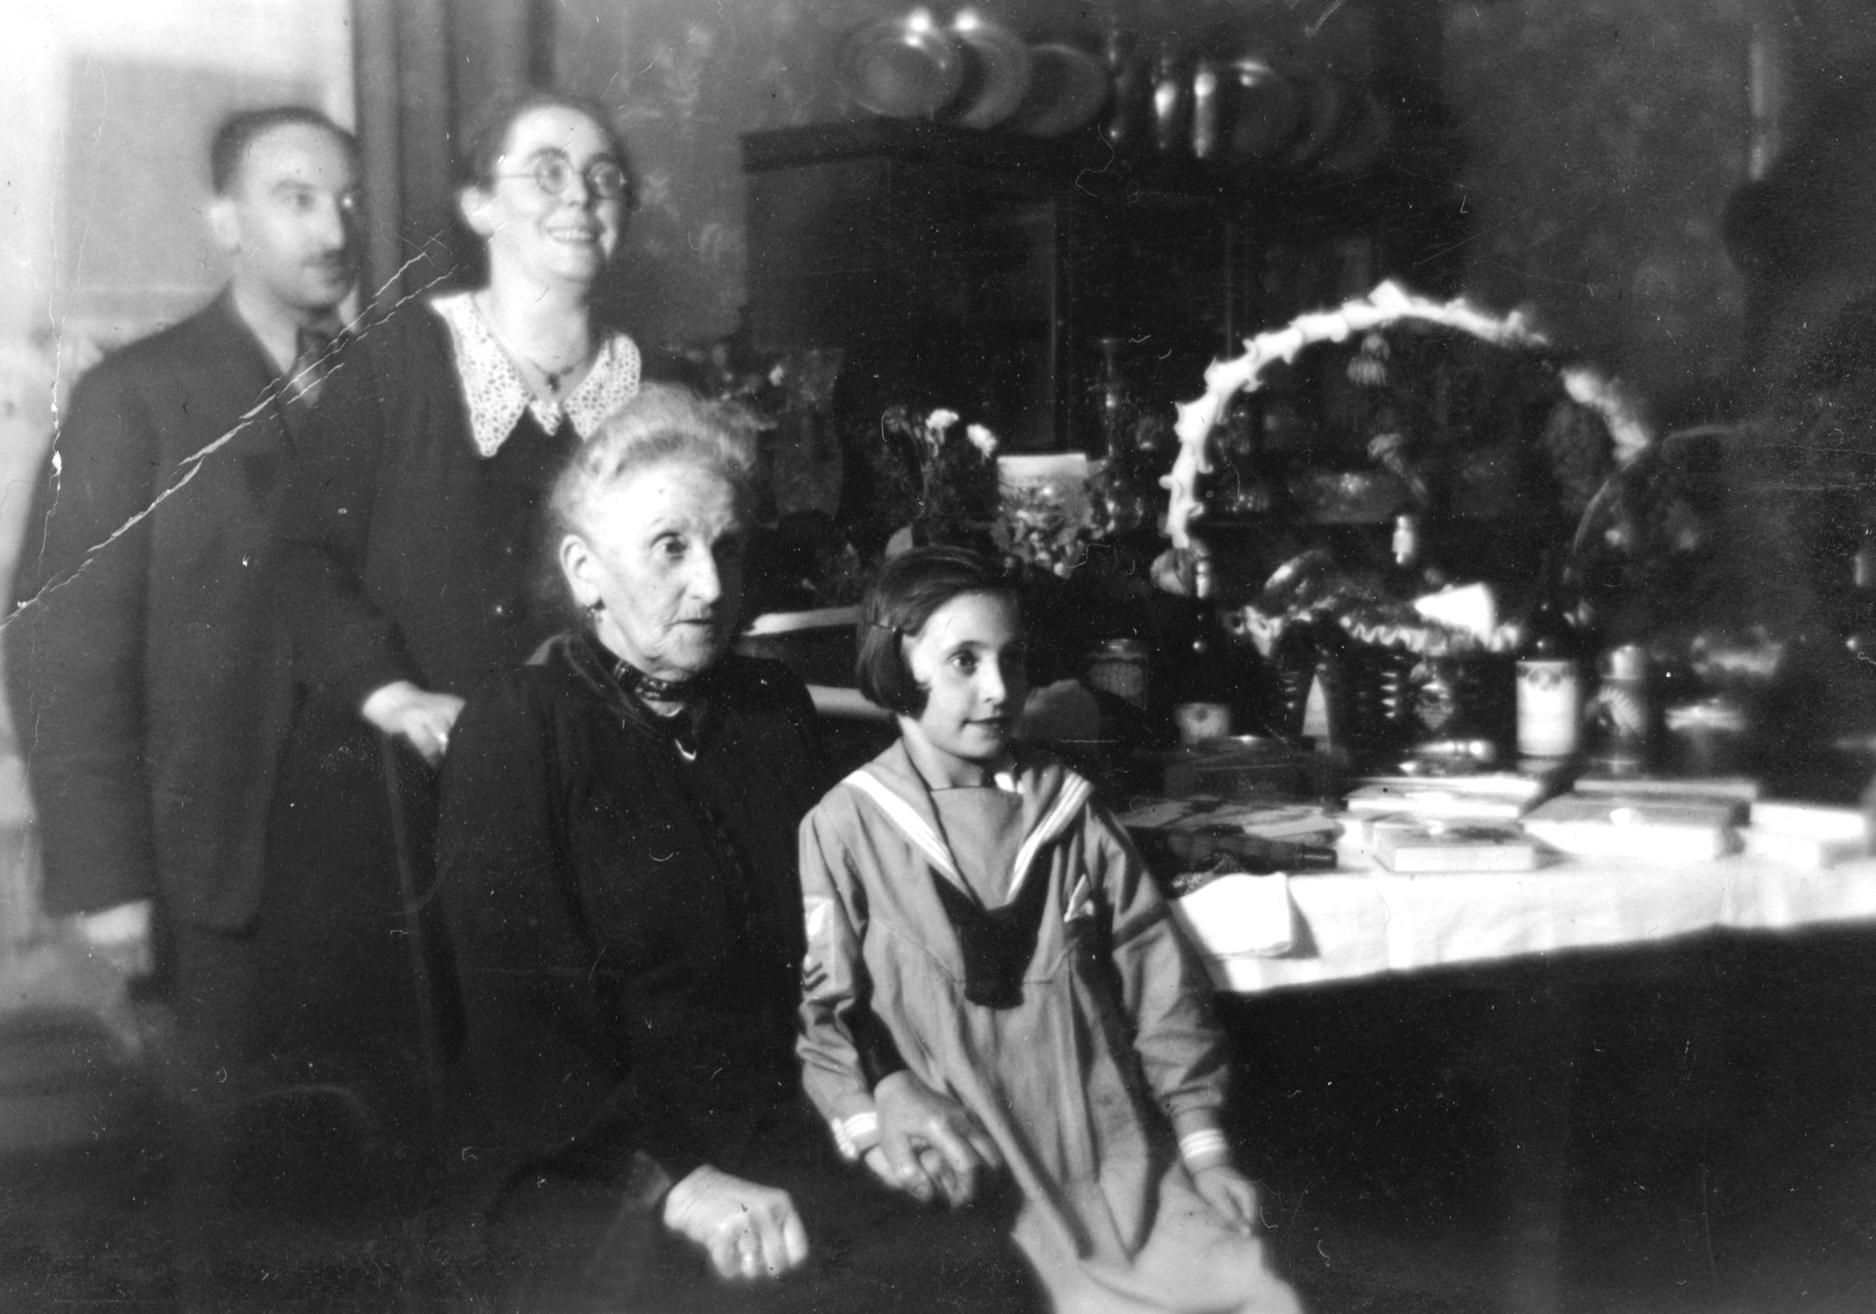 Zilli Rindsbergmit ihrem Mann Ludwig Rindsberg, Tochter Hannelore und Schwiegermutter Mina Rindsberg an deren 75. Geburtstag in der Opberpfalz.